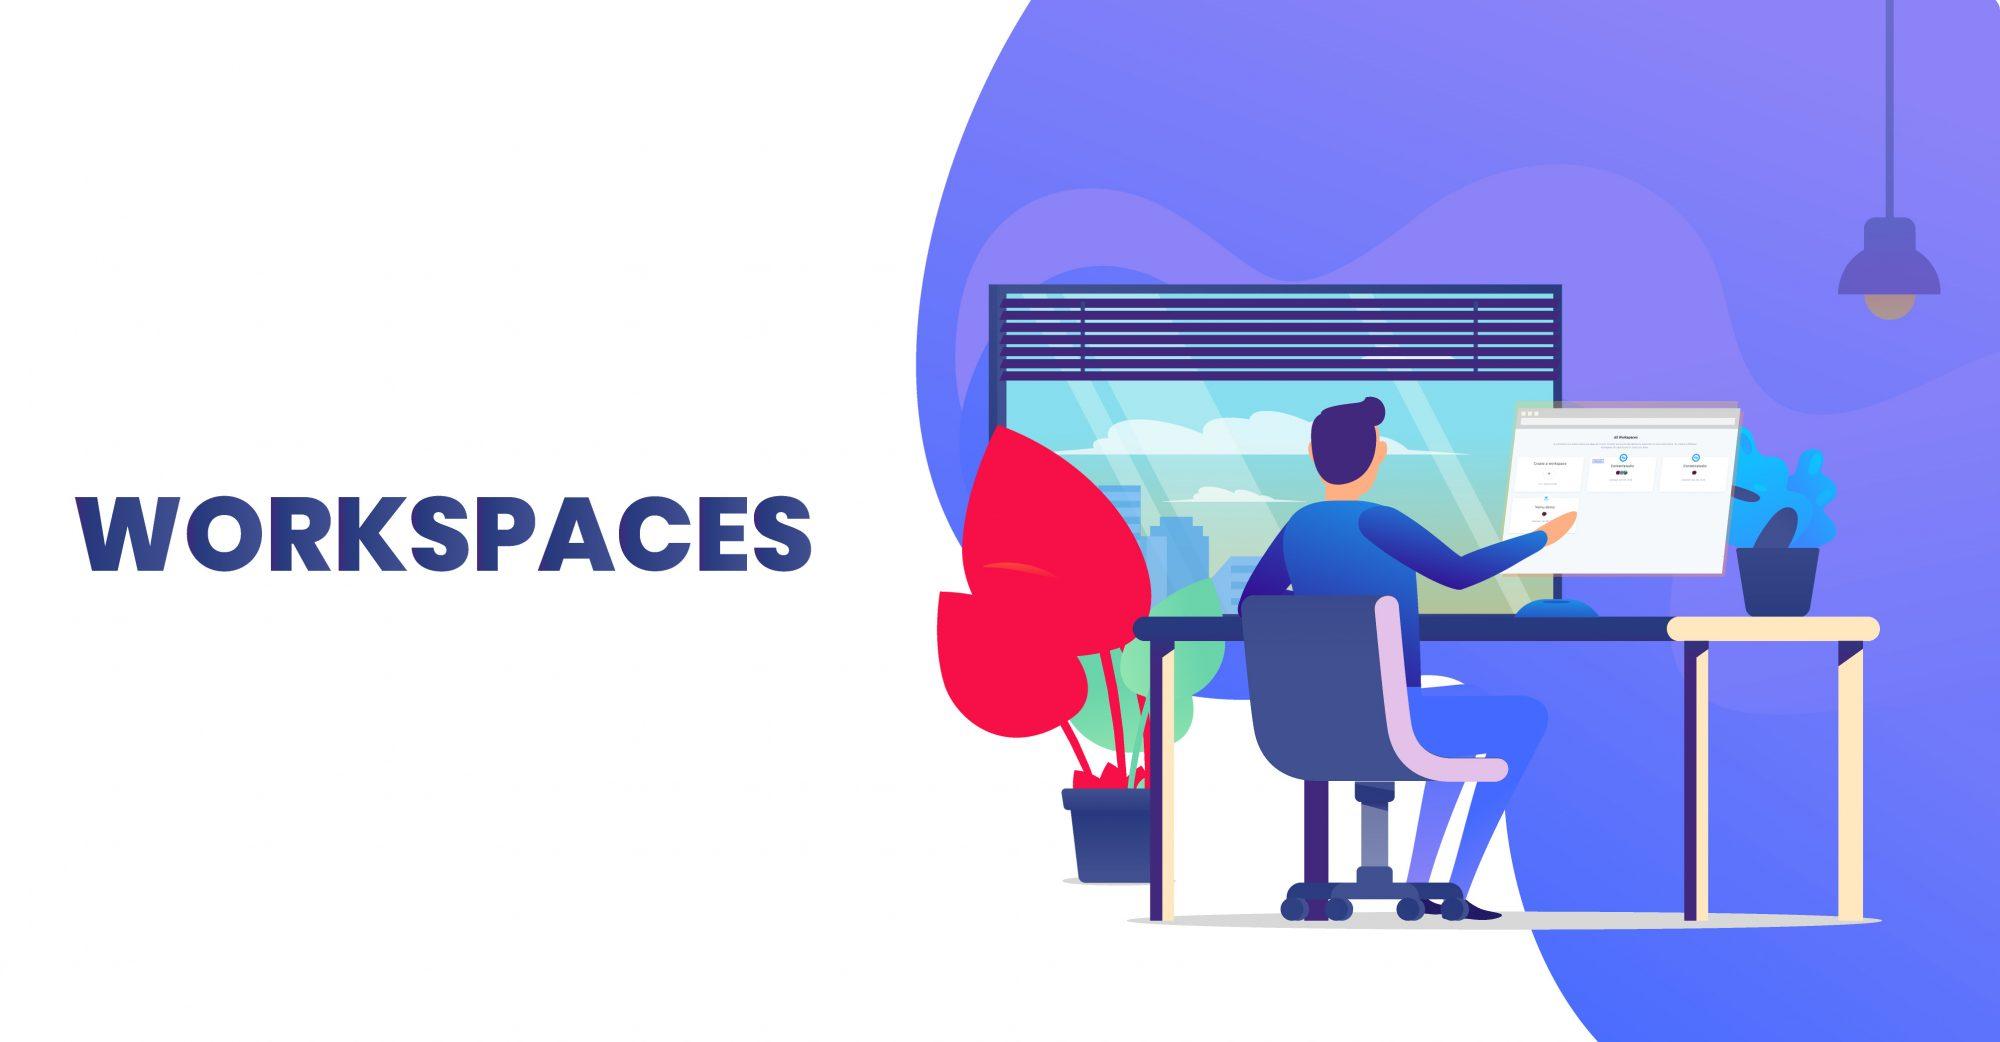 Workspaces - ContentStudio